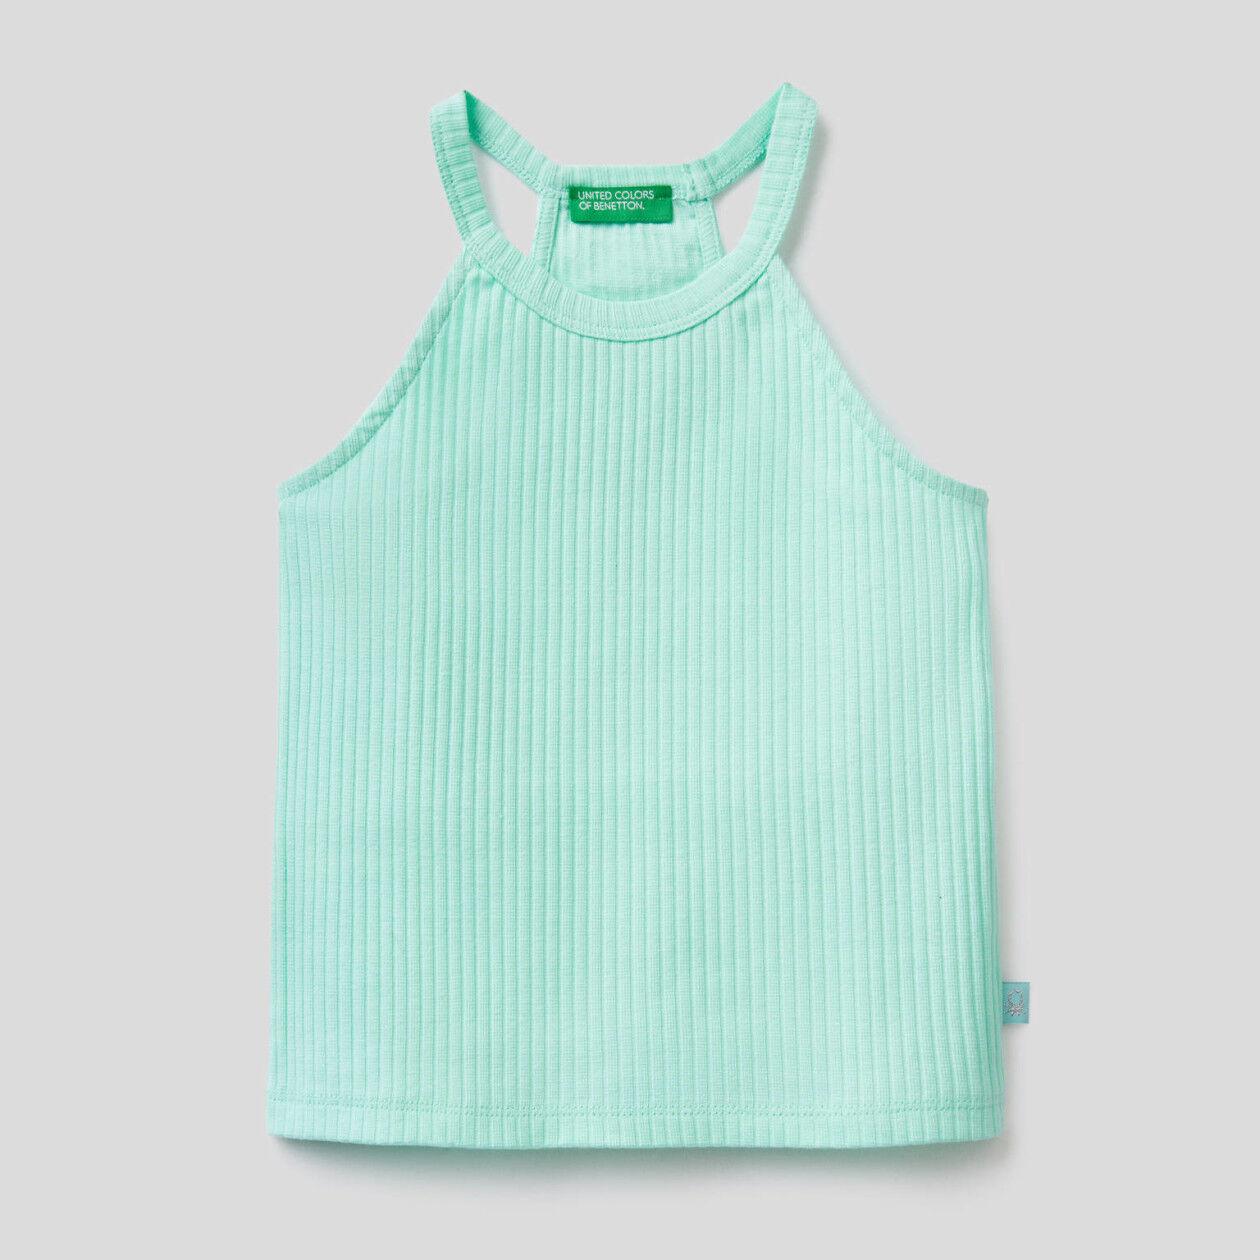 Ärmelloses Top aus stretchiger Baumwolle